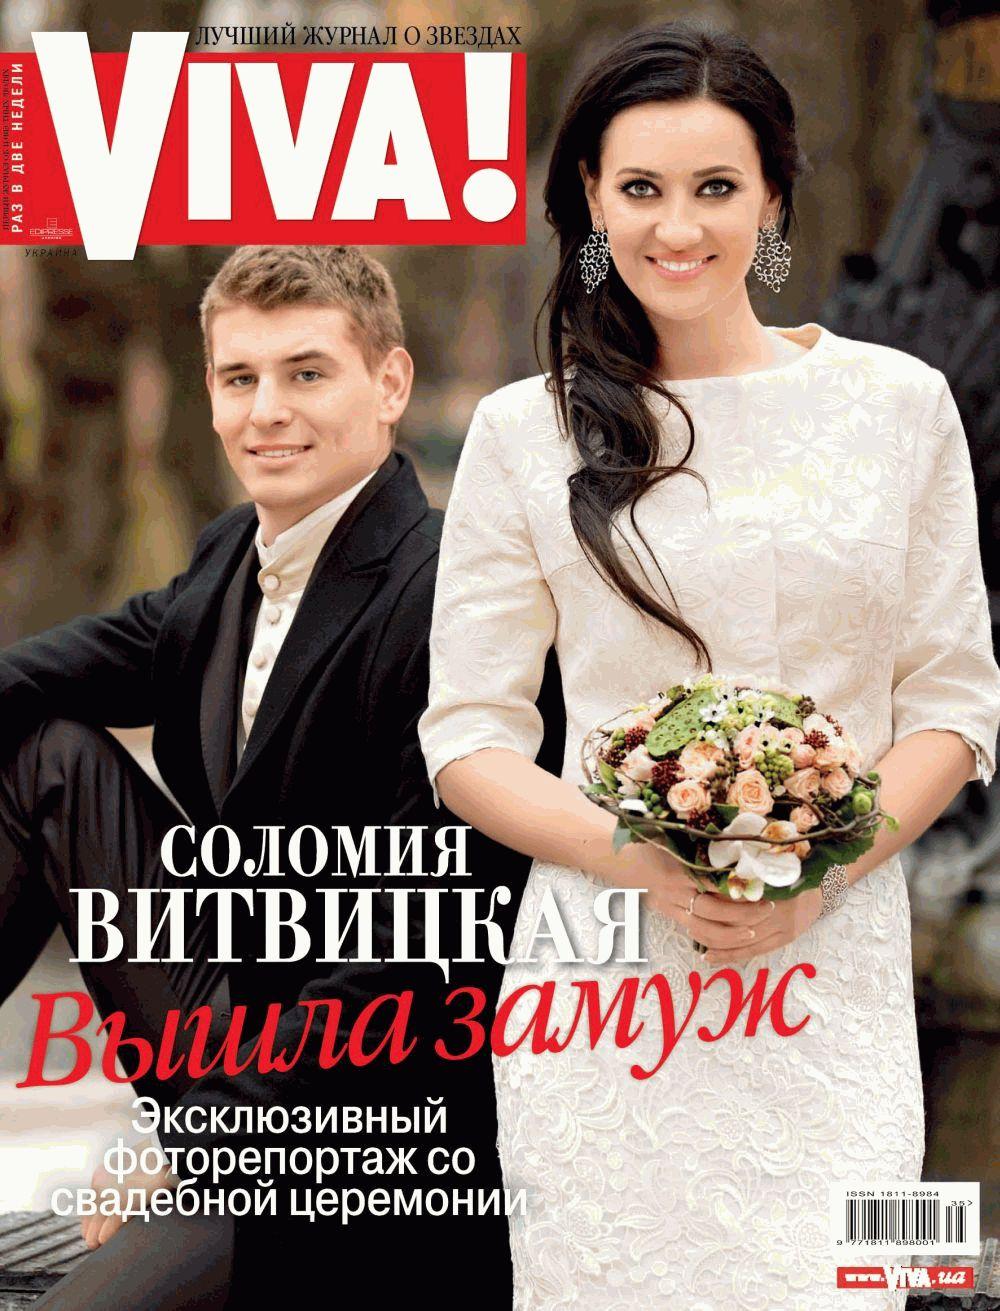 Соломия Витвицкая обложка